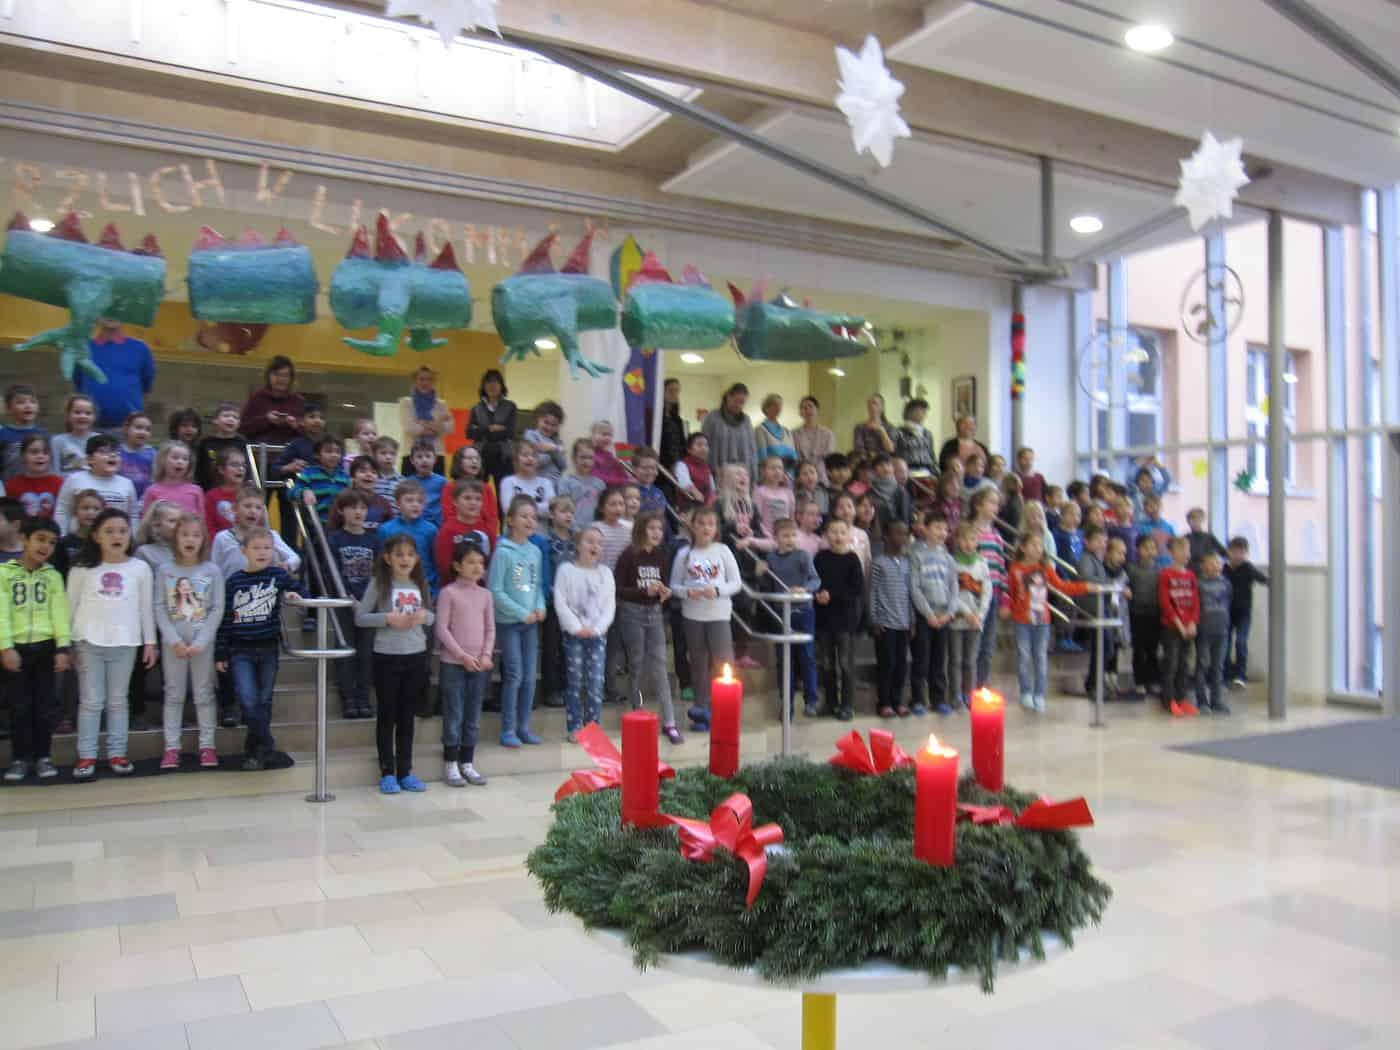 Grundschule Weihnachtsfeier.Weihnachtsfeier Konrad Grundschule Regensburg